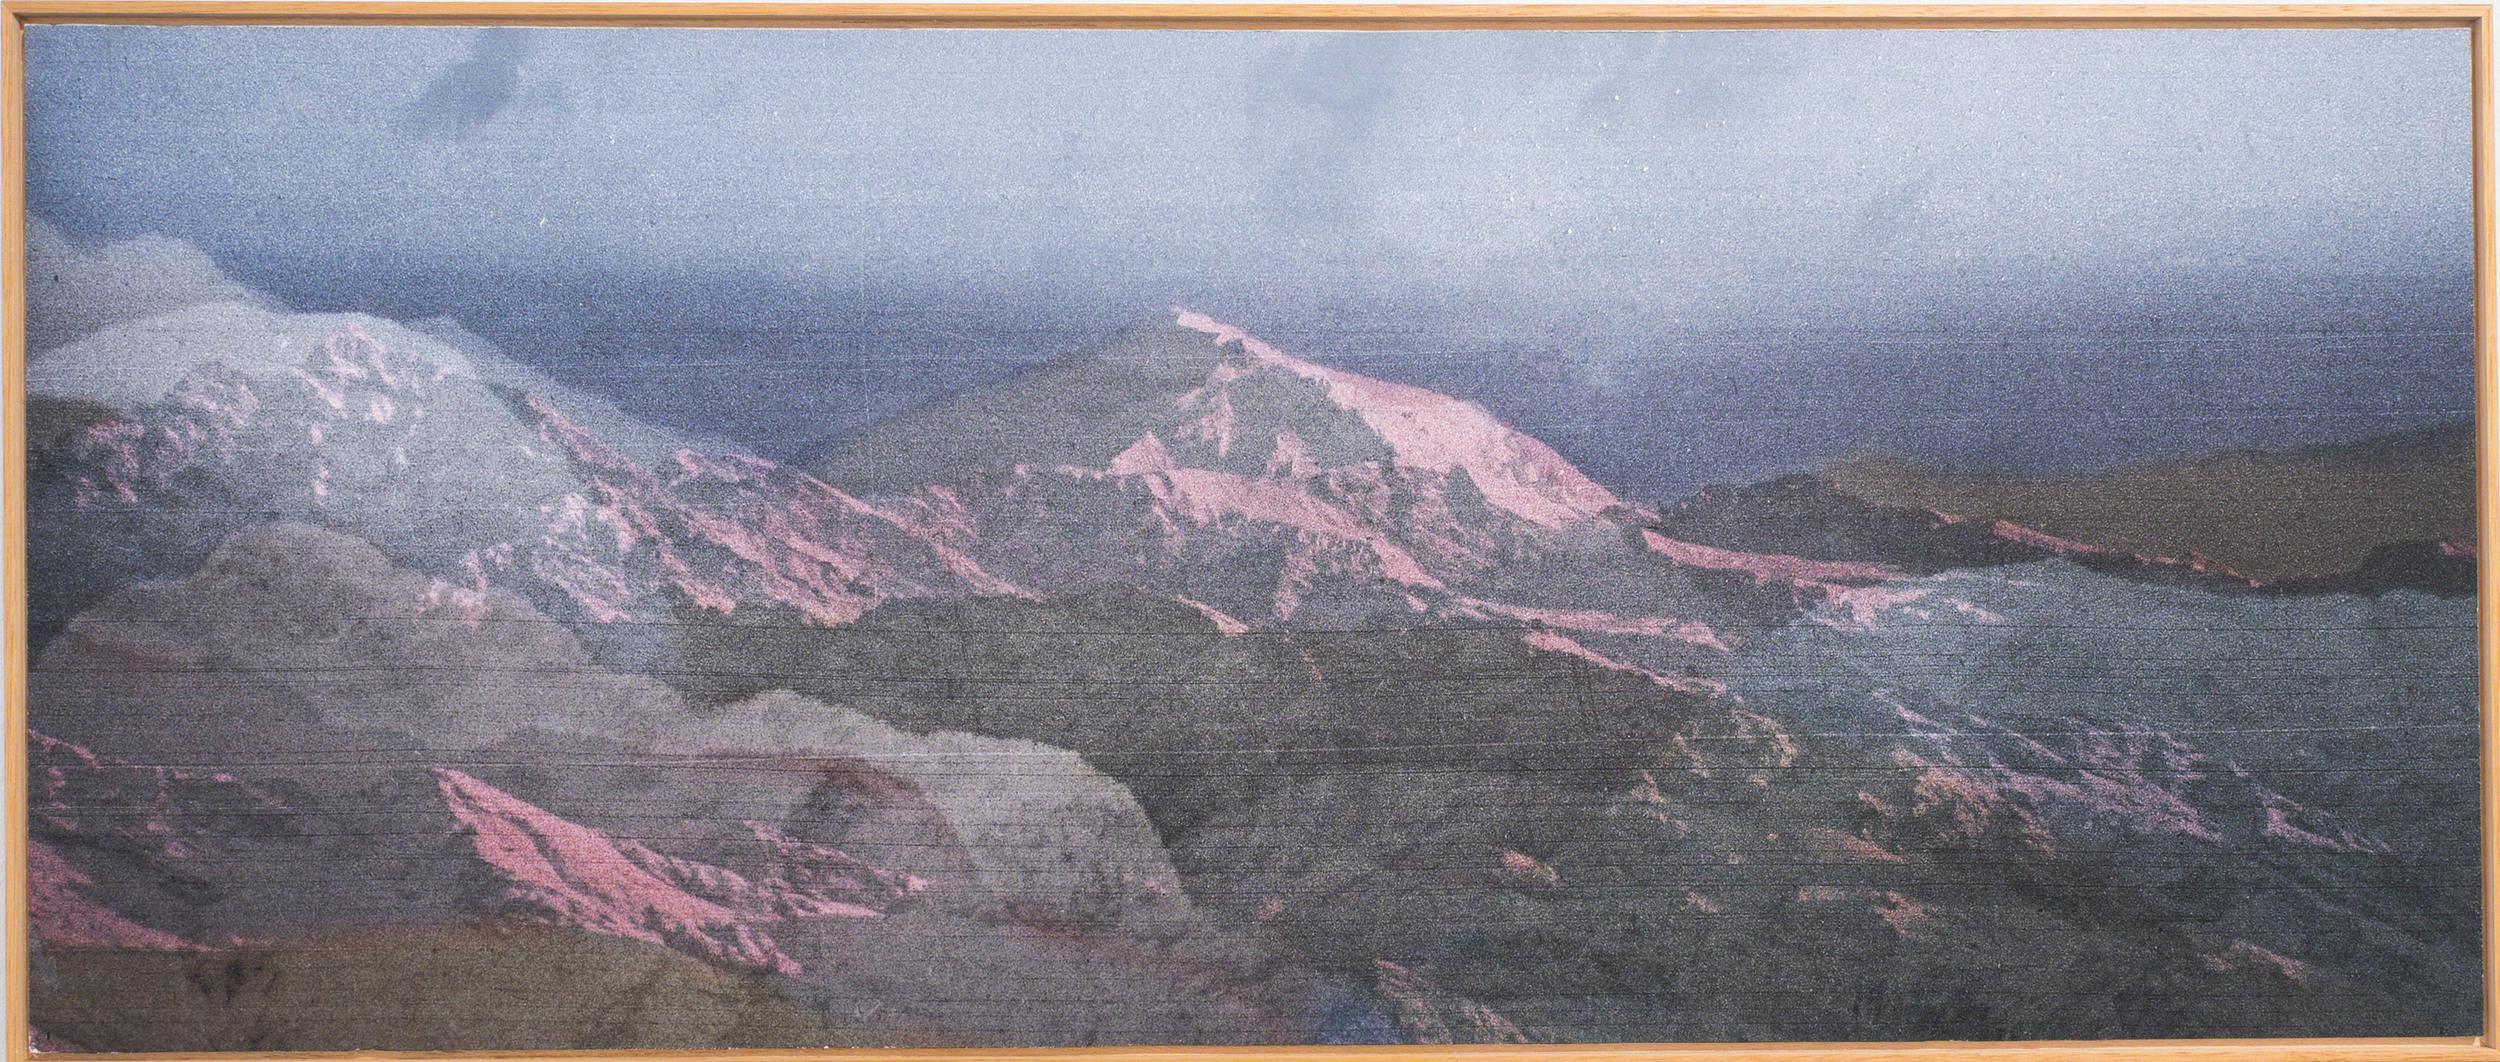 Virgin_mountain_1_71x30.jpg